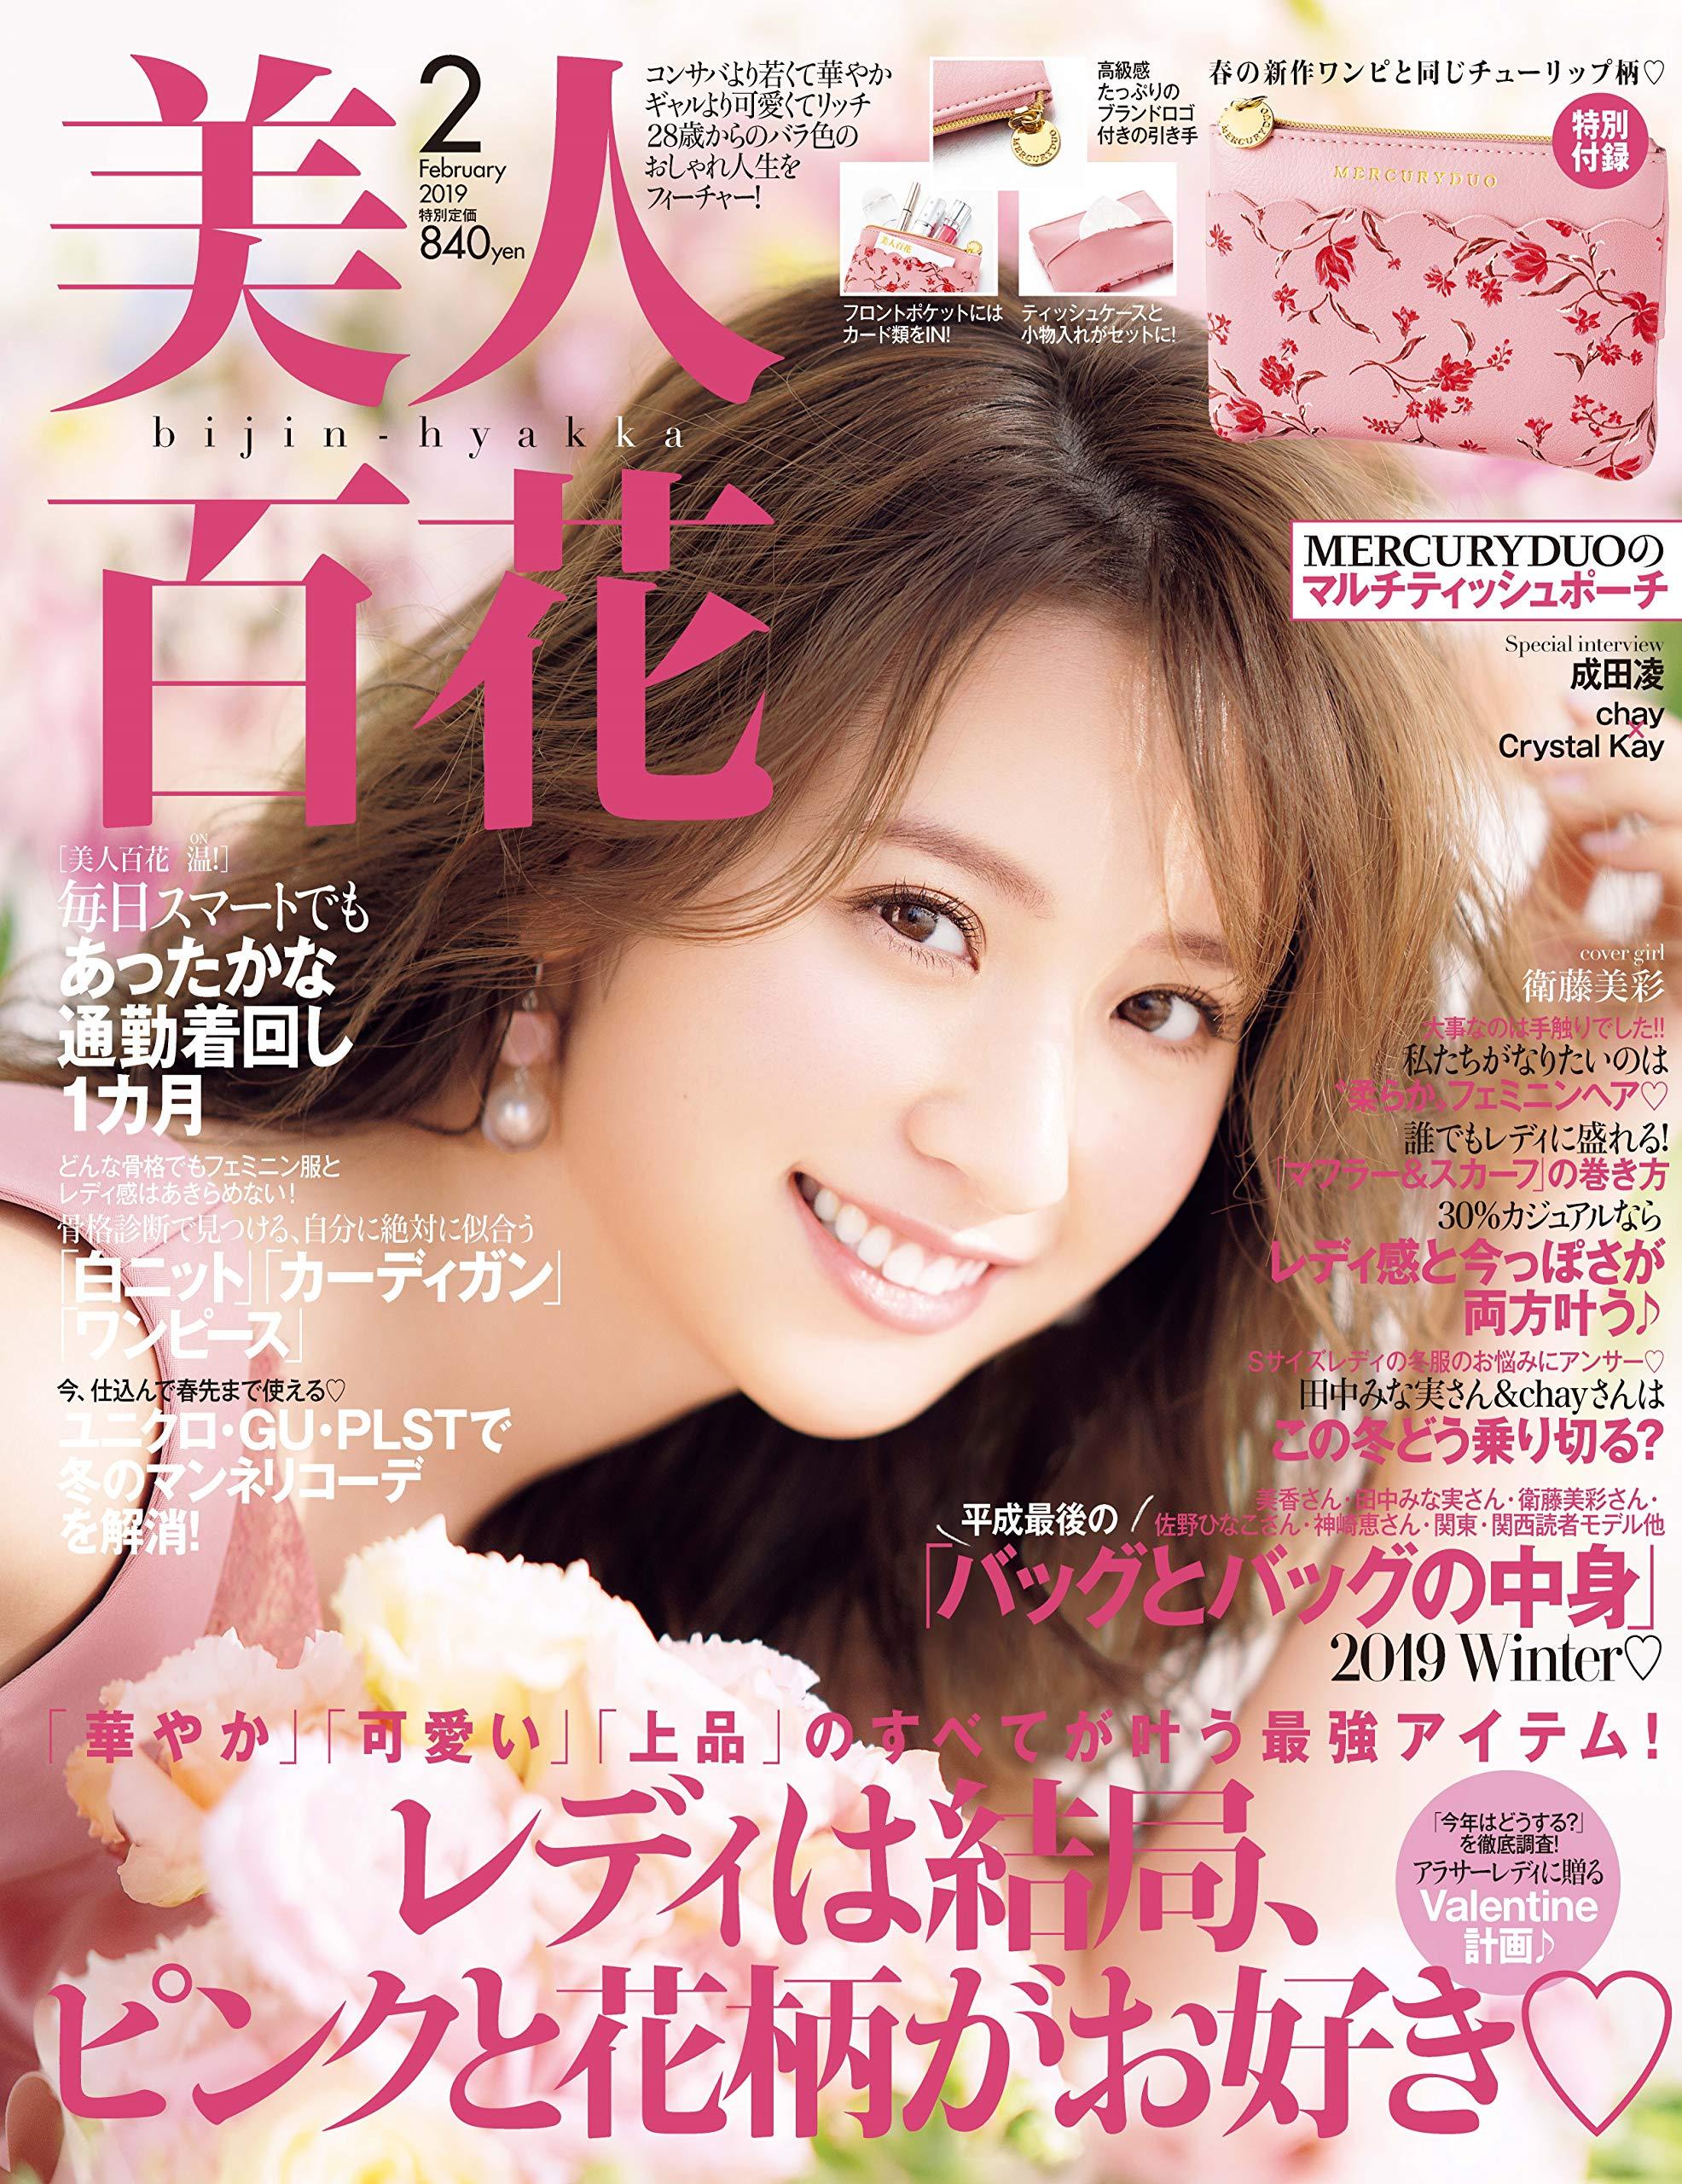 美人百花 衛藤美彩 2回目の表紙